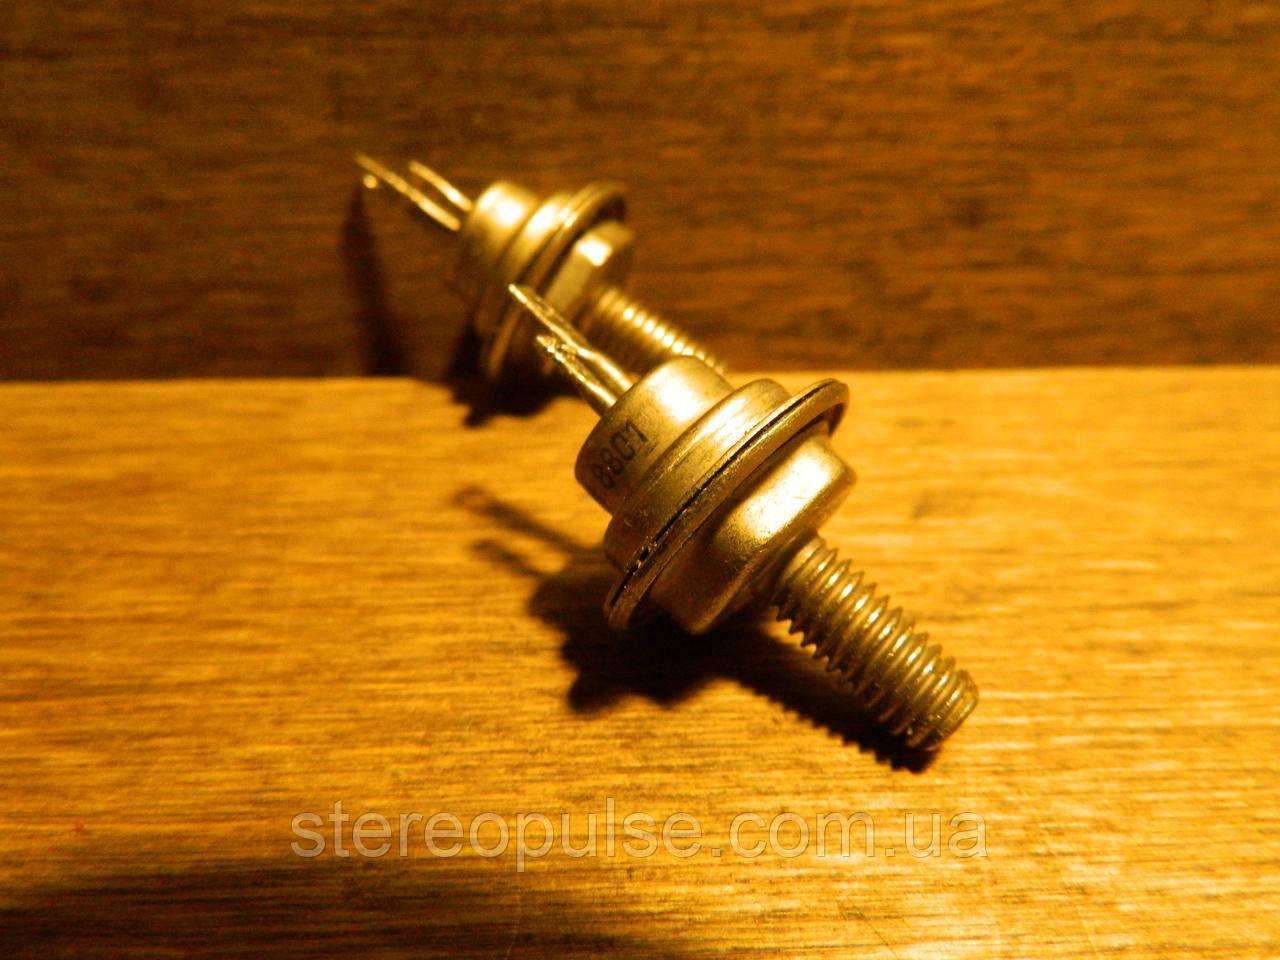 Тиристор  КУ202М  10 А 400 В